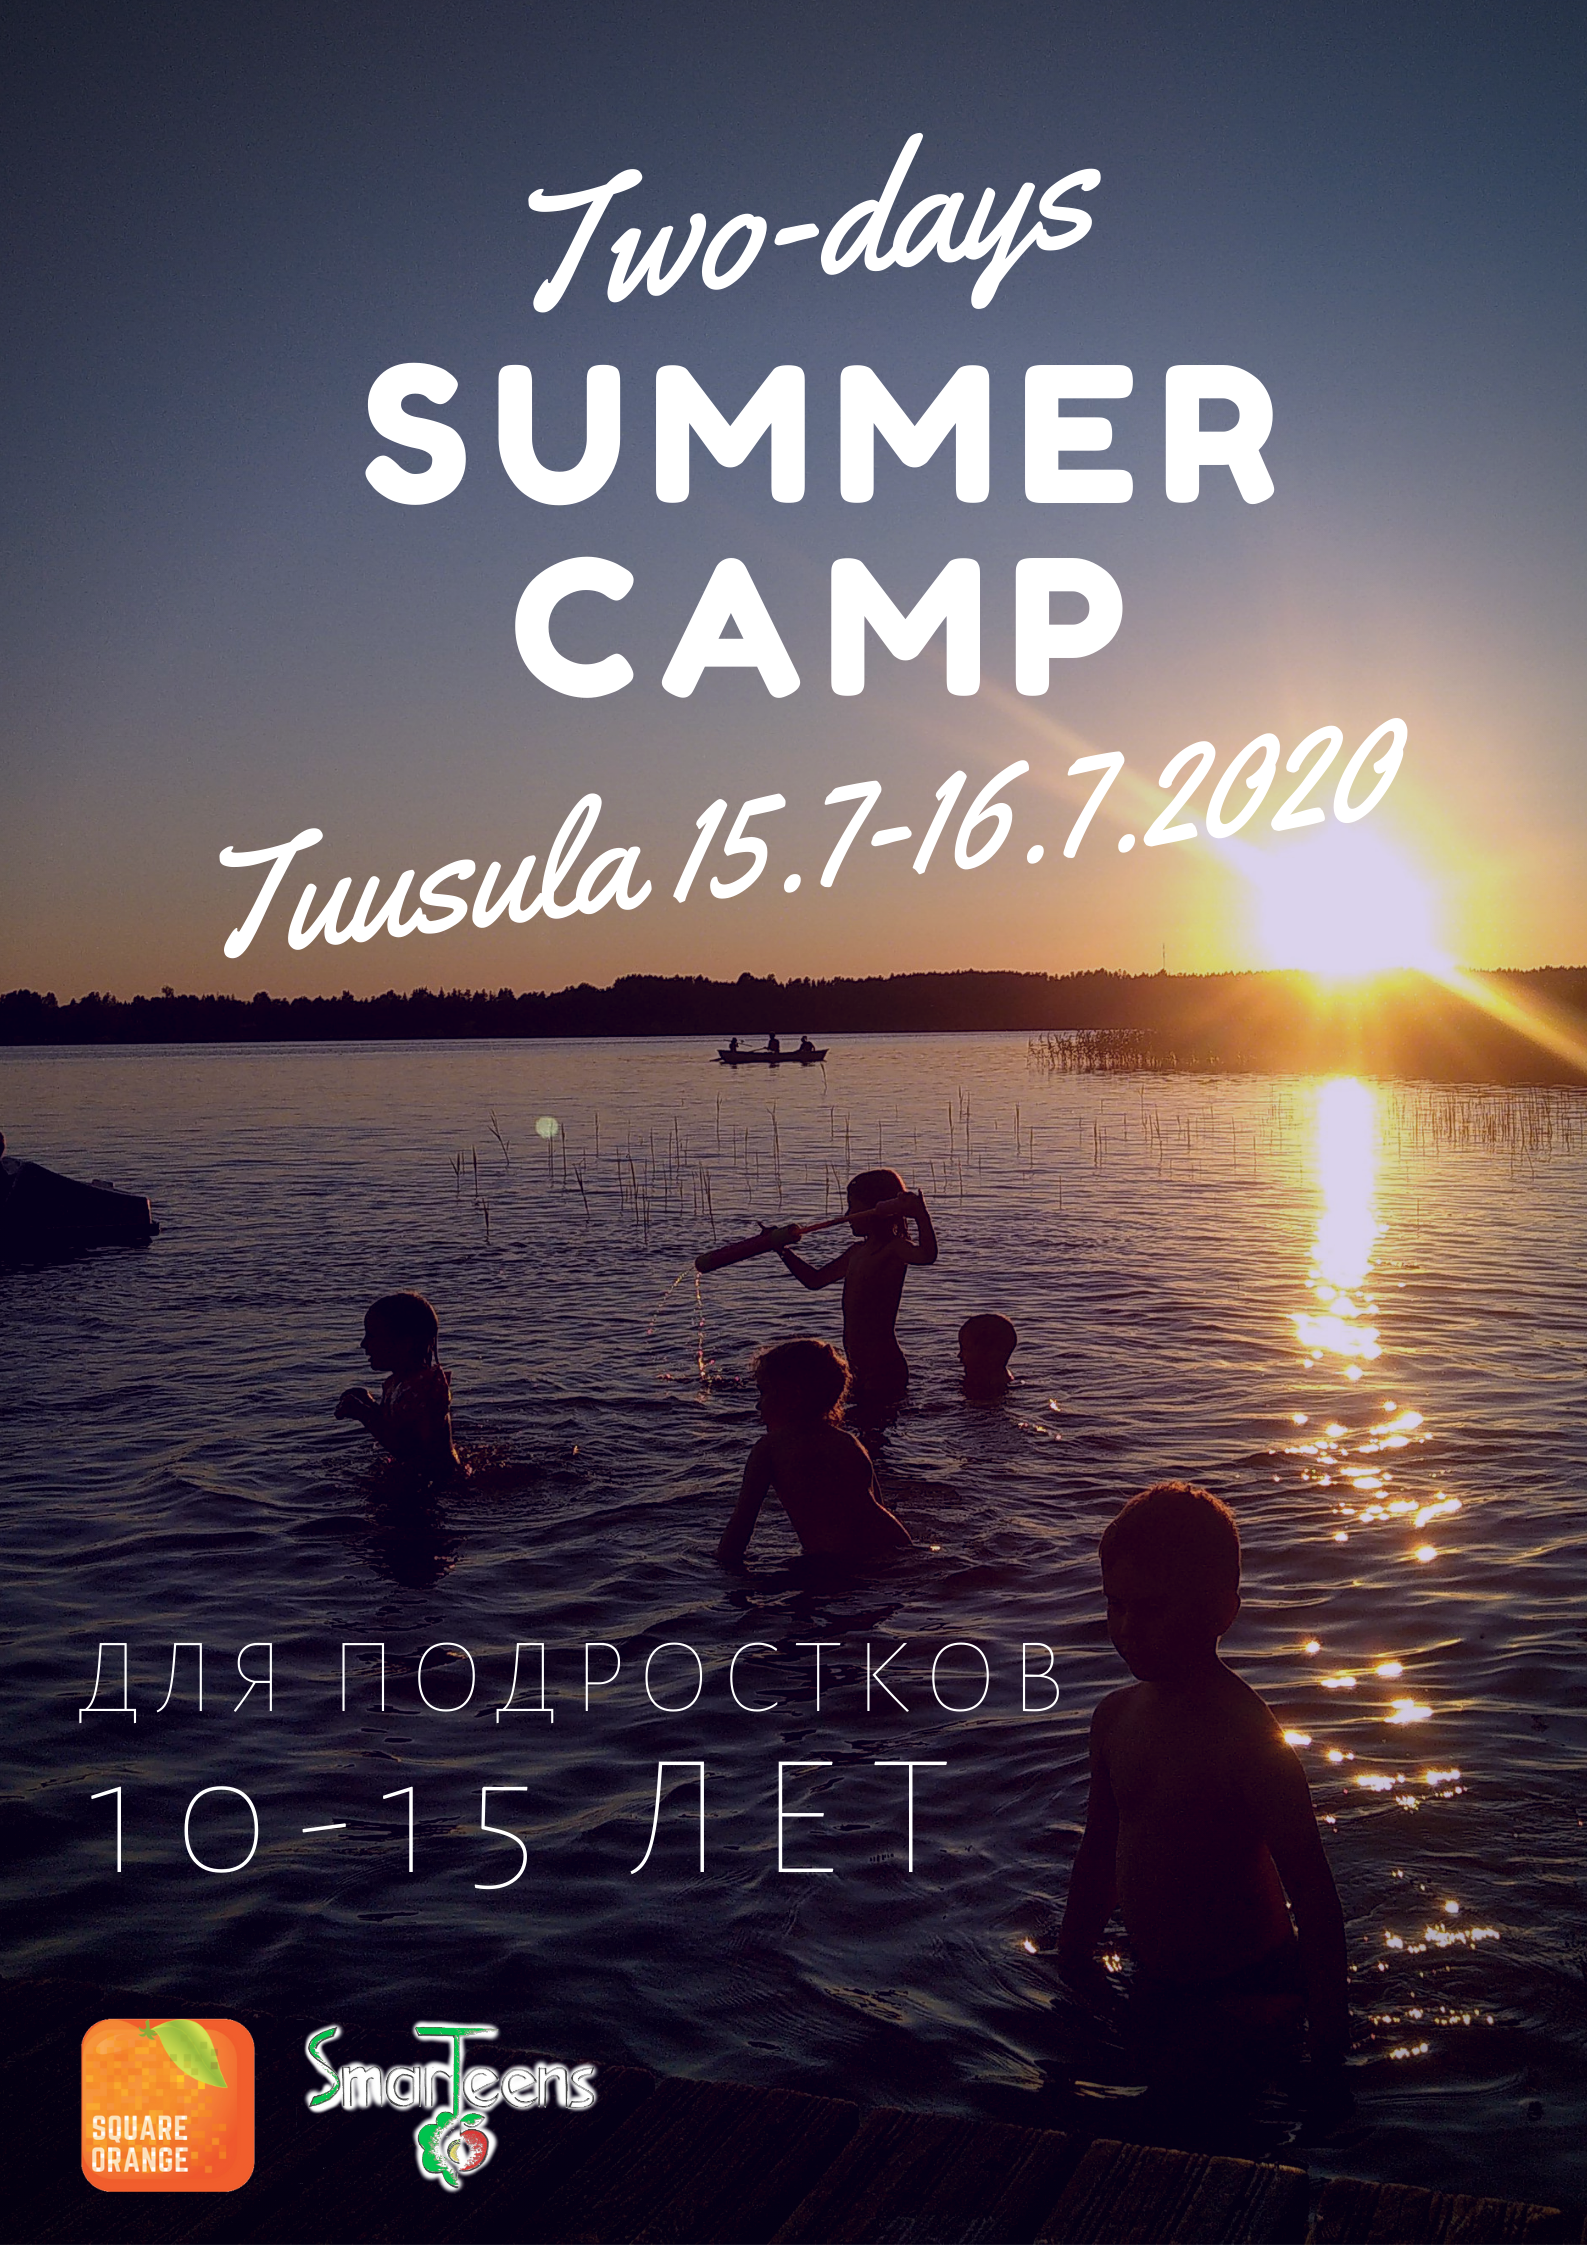 Молодёжный лагерь в Туусула 16-17.7.2020 для подростков 10-15 лет